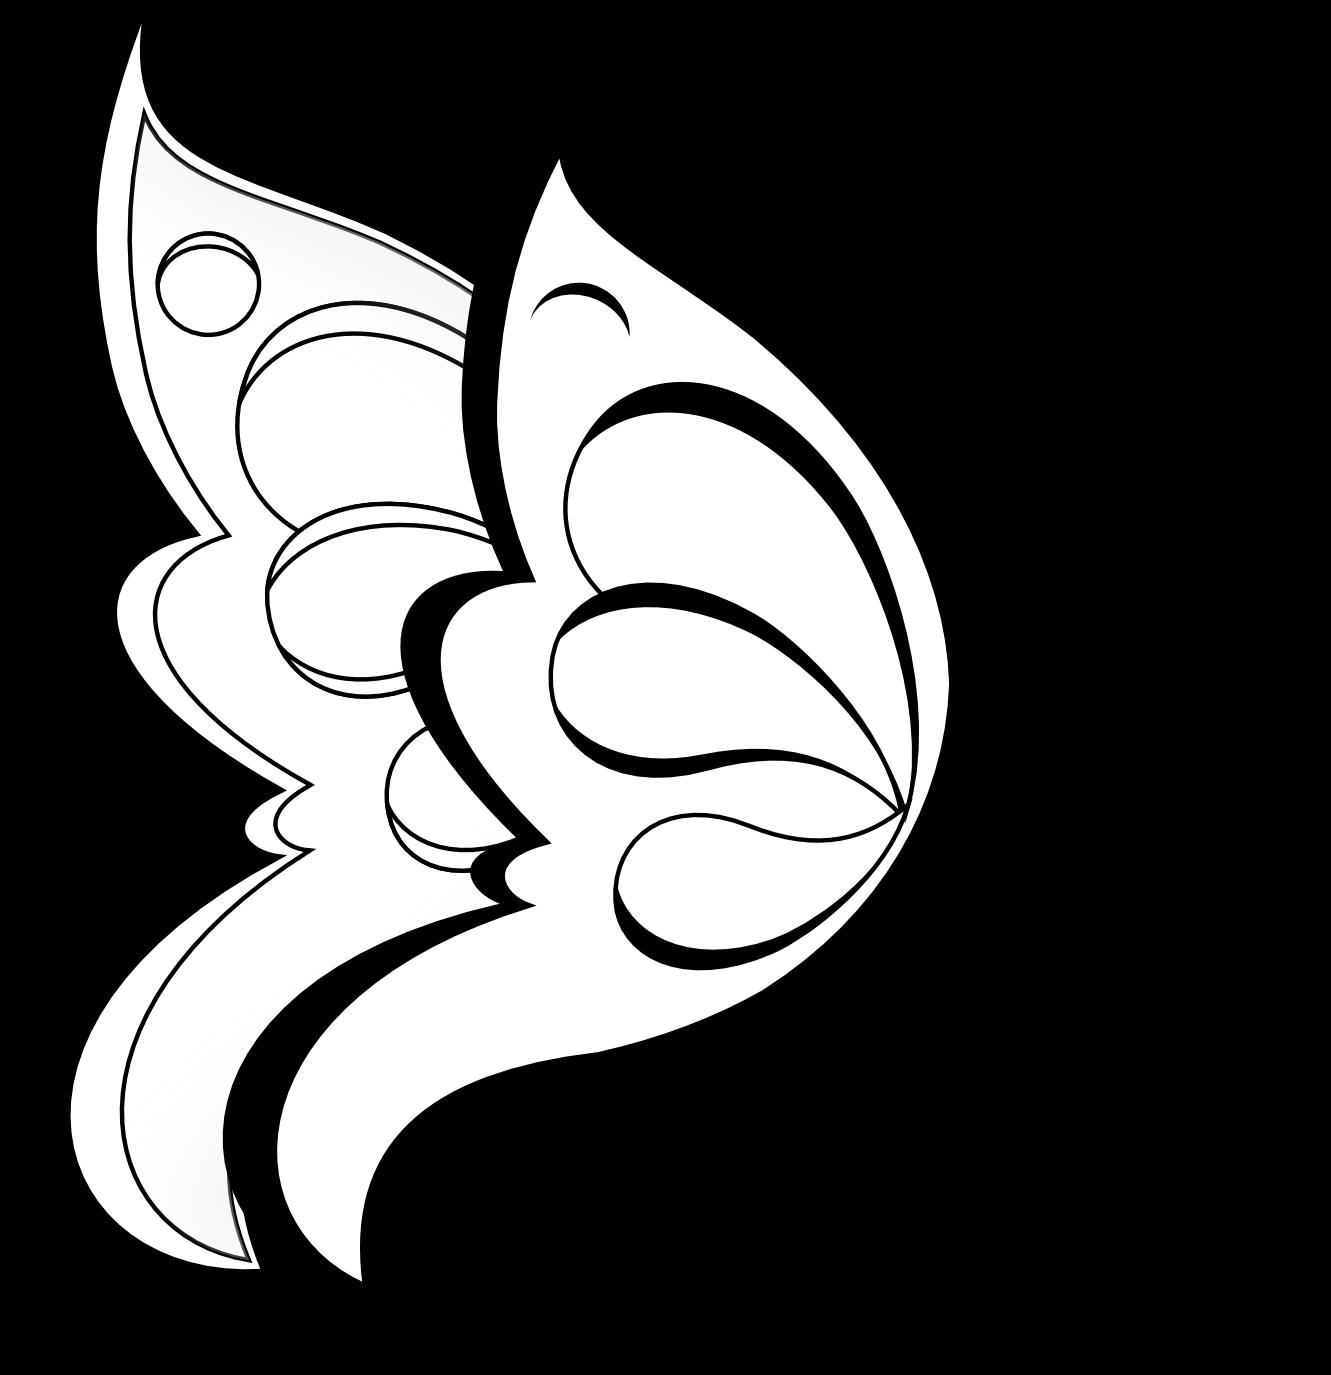 Desenhos para colorir de borboletas - imagens para colorir borboleta